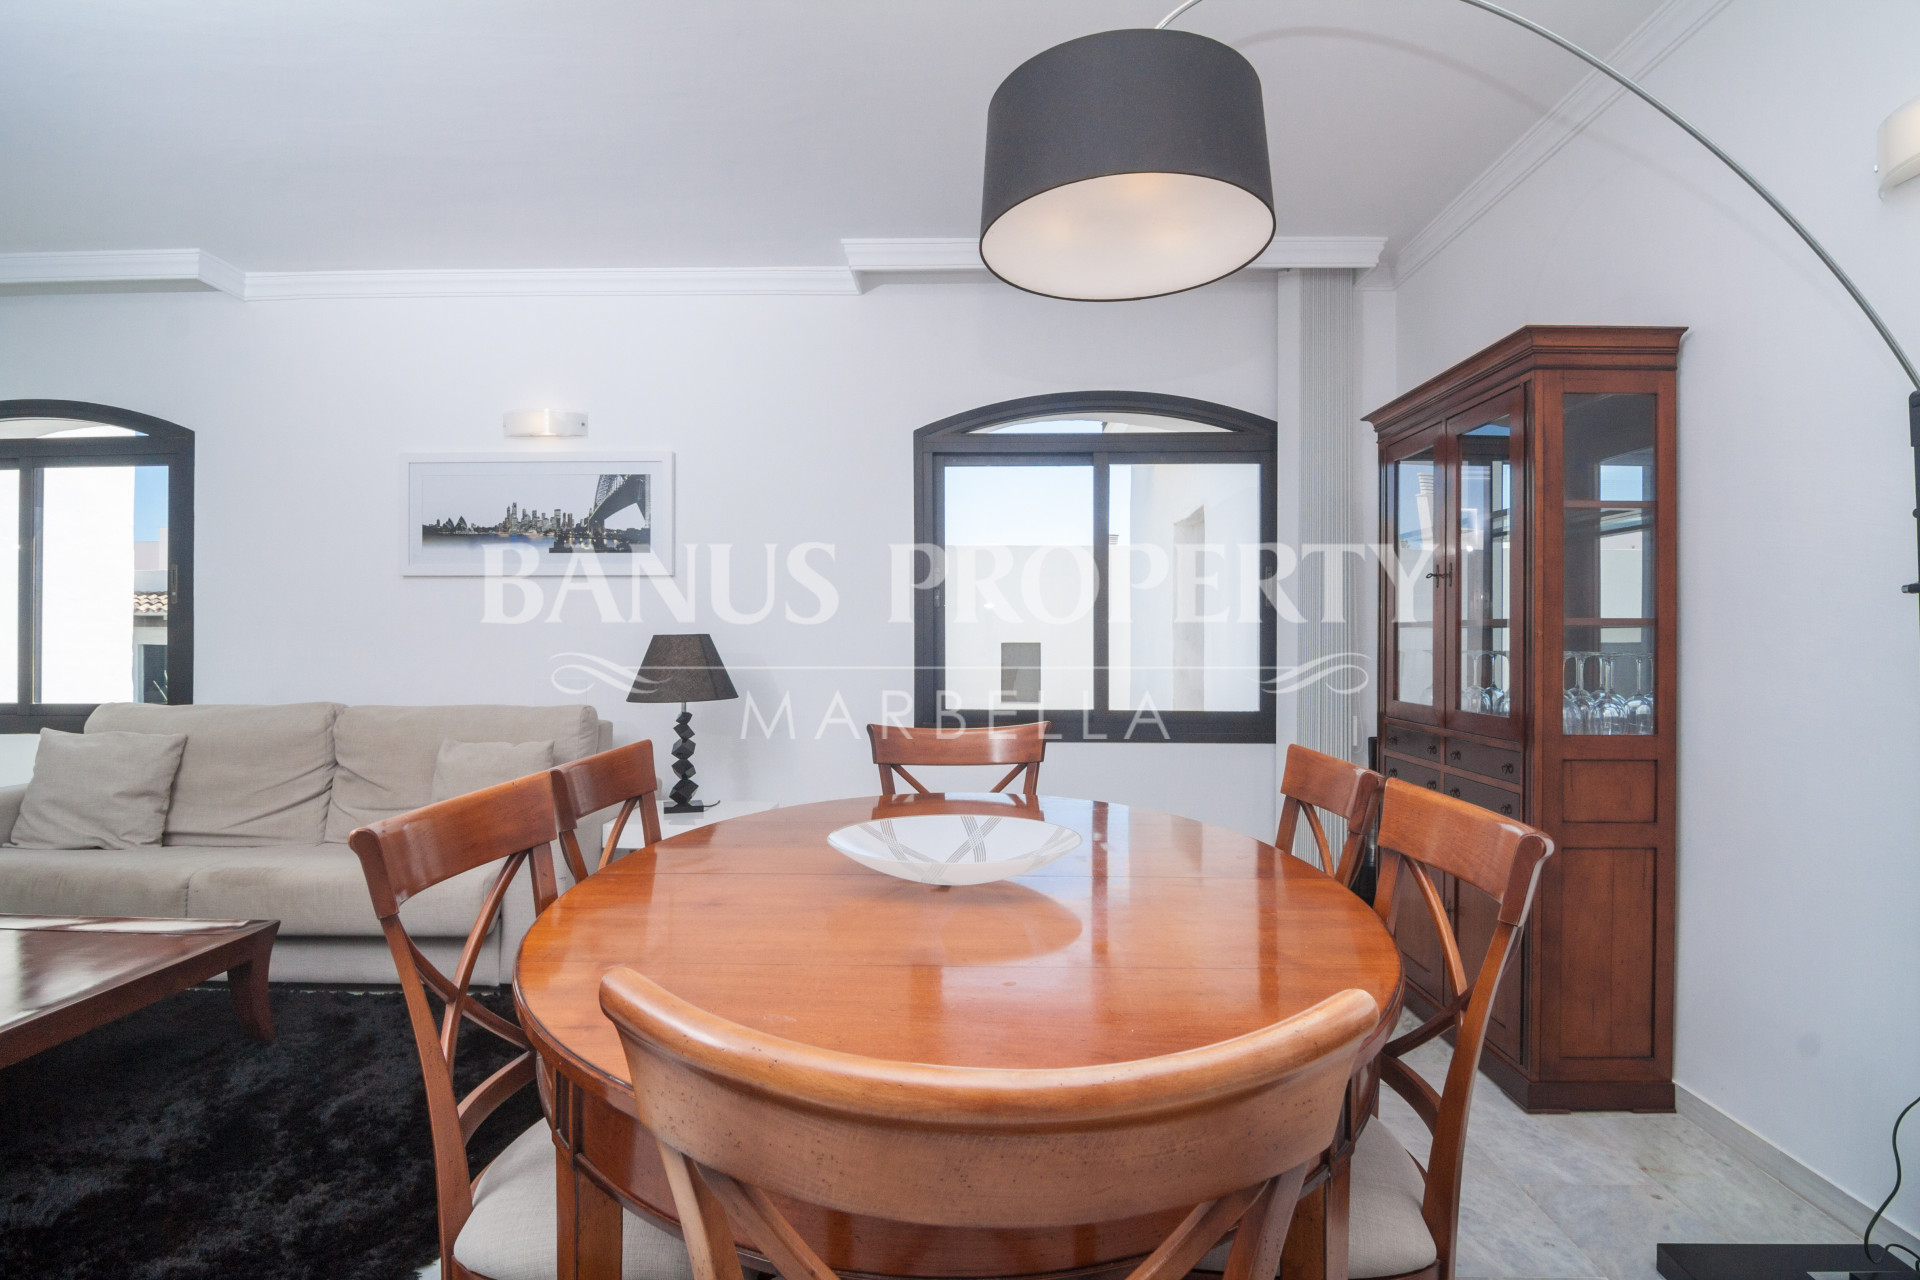 Modern two-bedroom second floor apartment for sale in Casas Cadiz, Playas del Duque, Puerto Banus